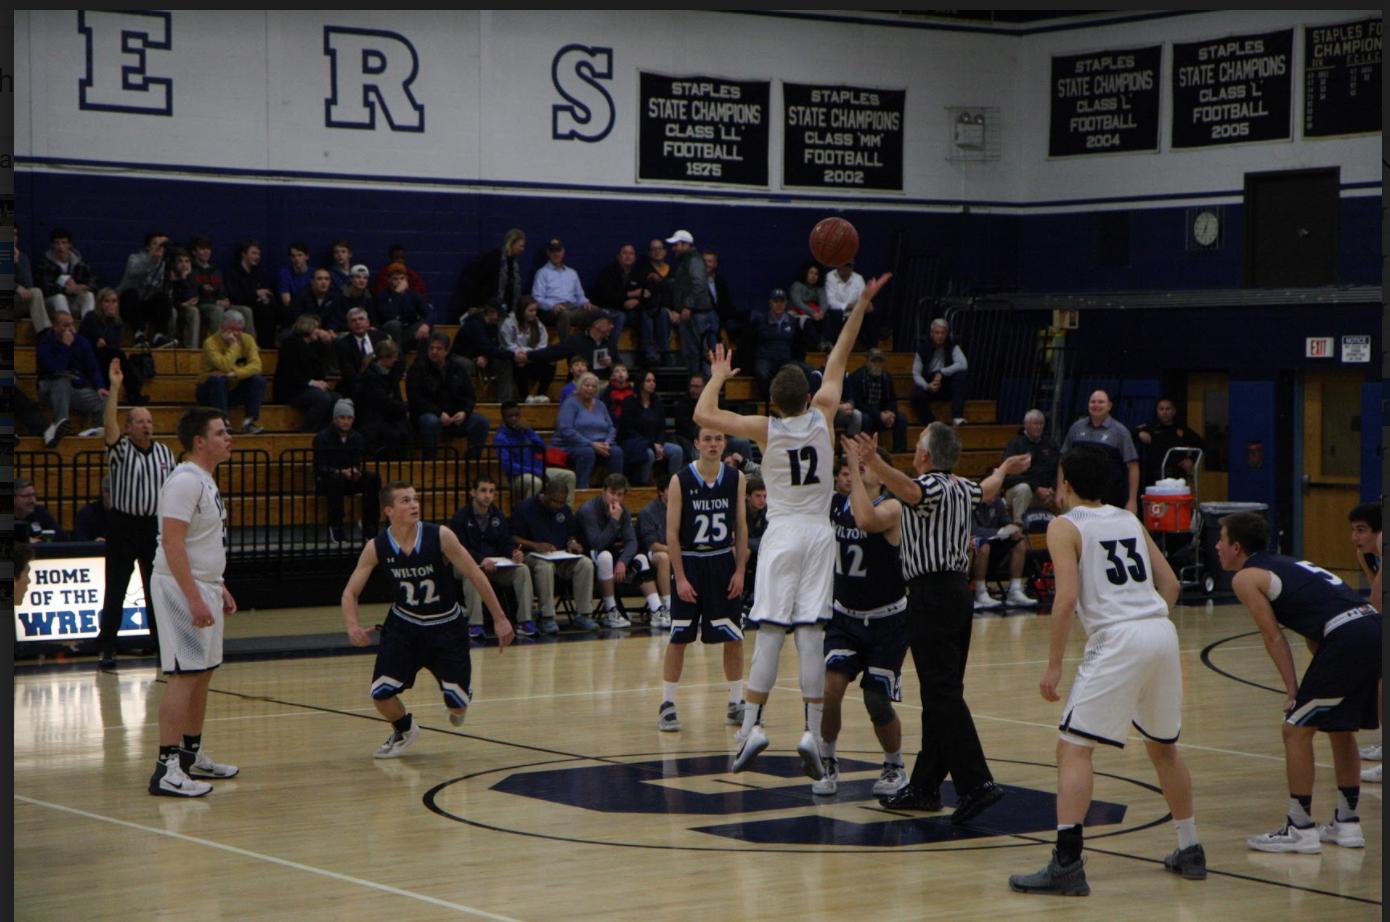 Wilton defeats Staples boys' basketball 81-62 (in photos)